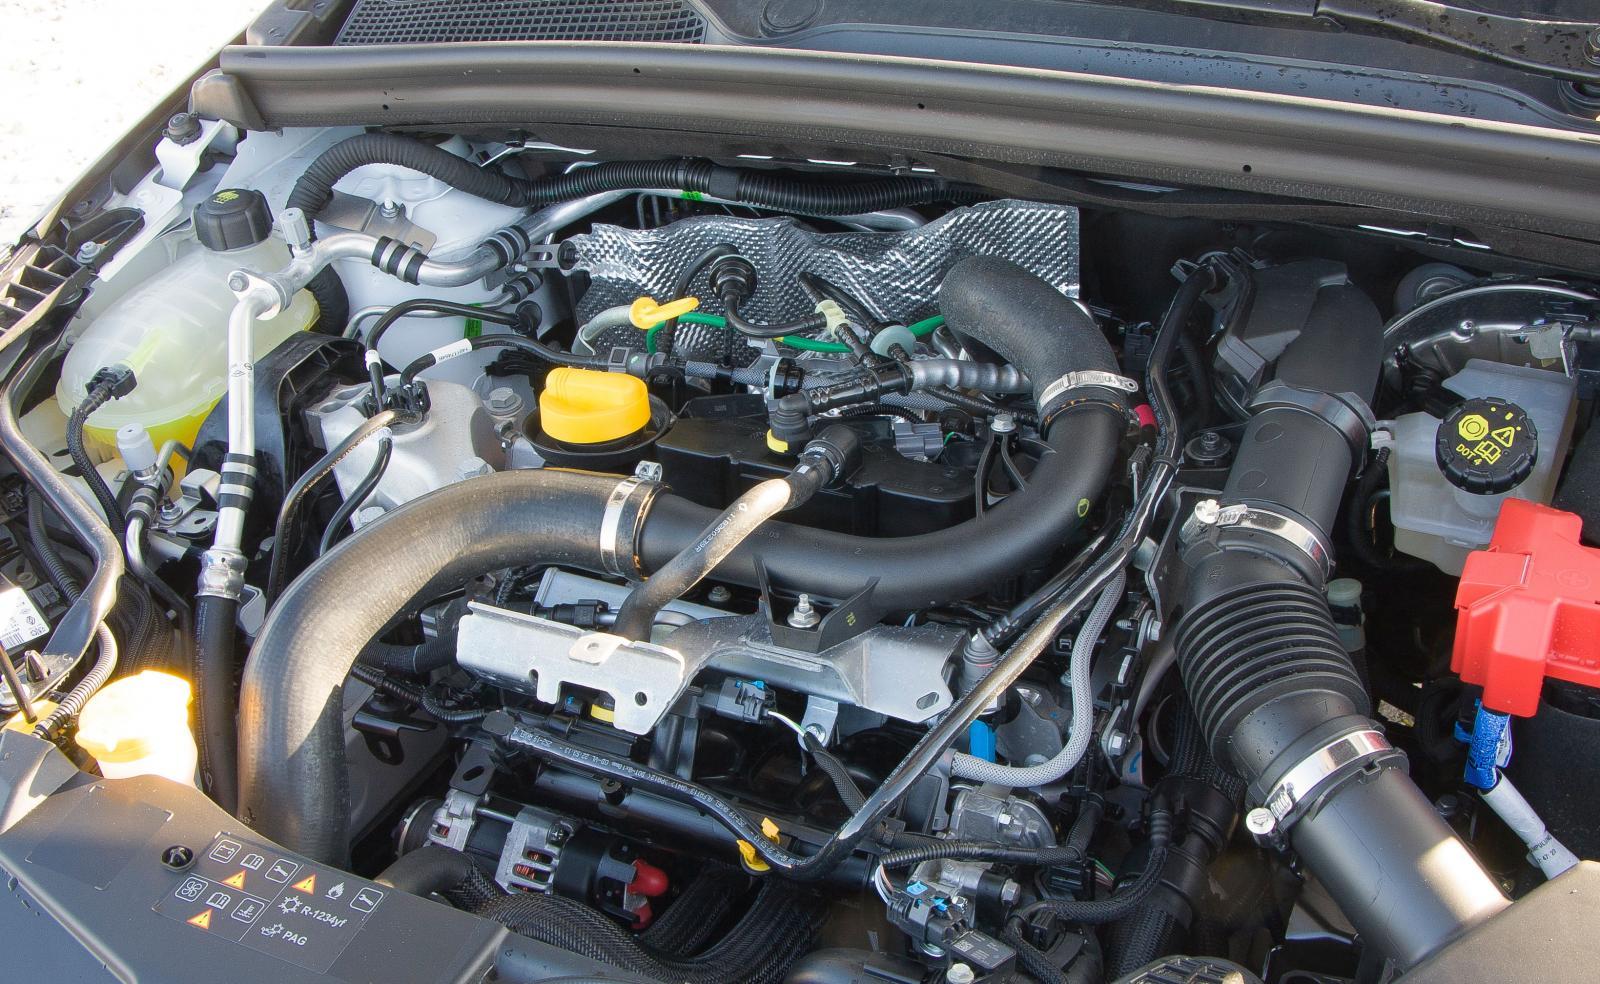 Locklös installation så att snårigheten syns. Motorn är pigg och turbon sjasar på riktigt bra – men törsten är större än Mazdas.